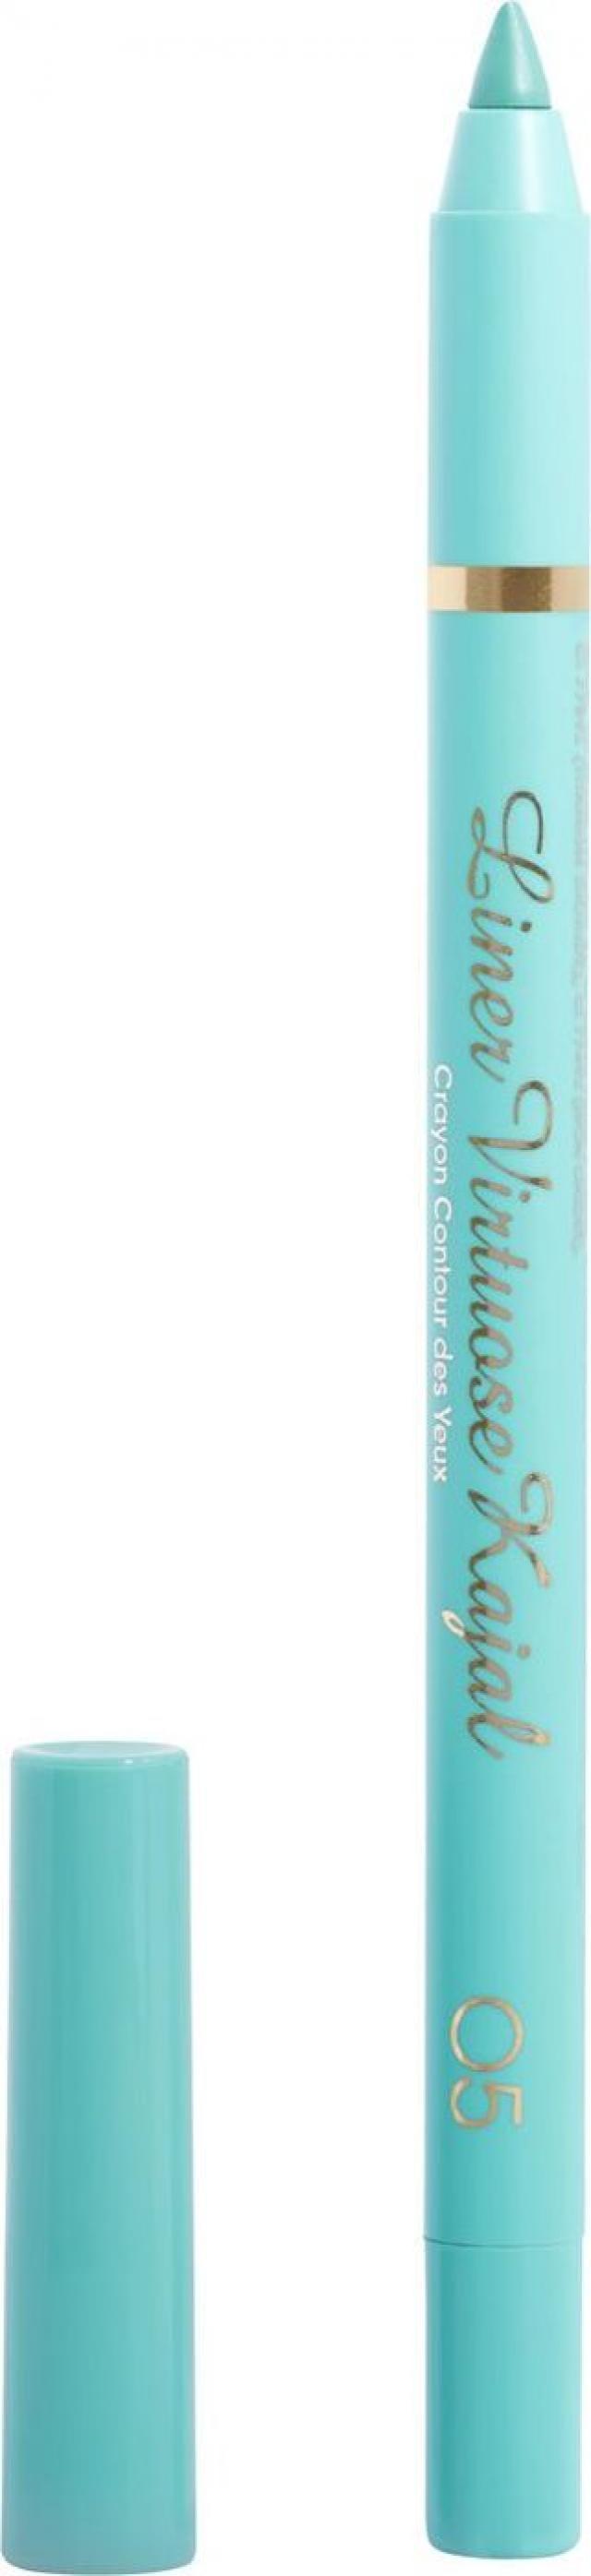 Вивьен Сабо карандаш-каял для глаз т.05 купить в Москве по цене от 0 рублей